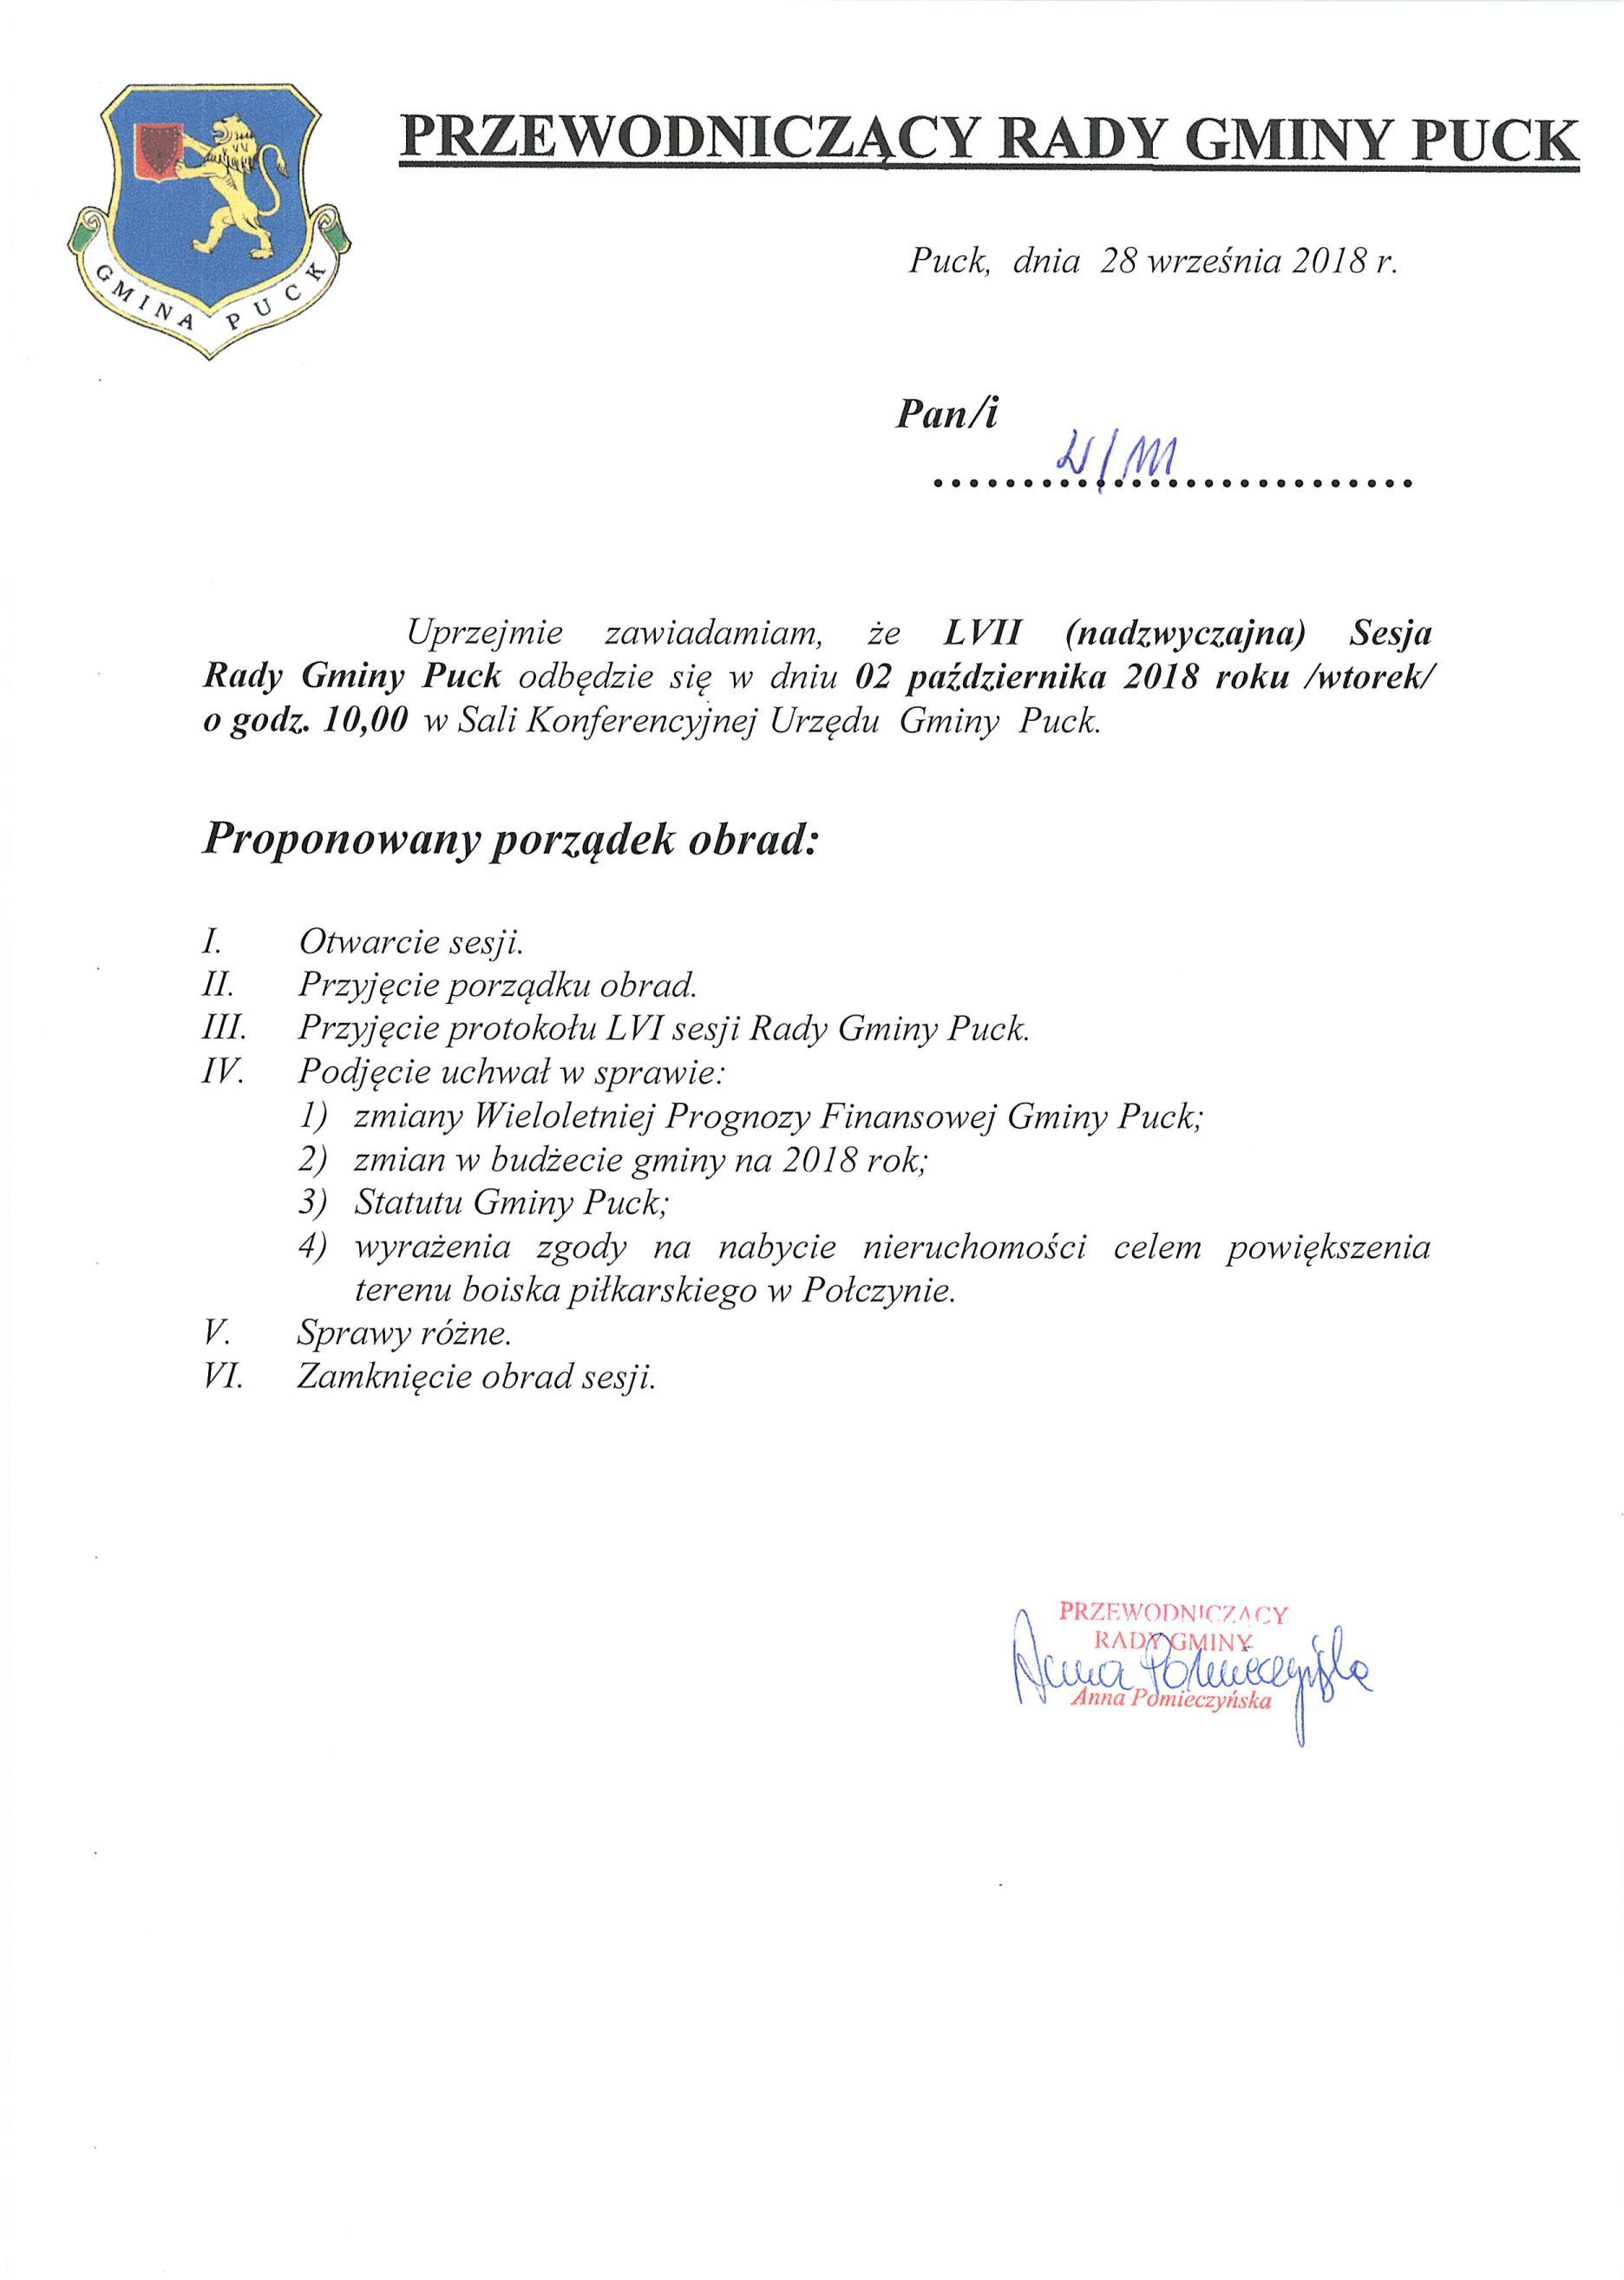 Proponowany porządek obrad LVII sesji Rady Gminy Puck w dniu 02 października 2018 r._02